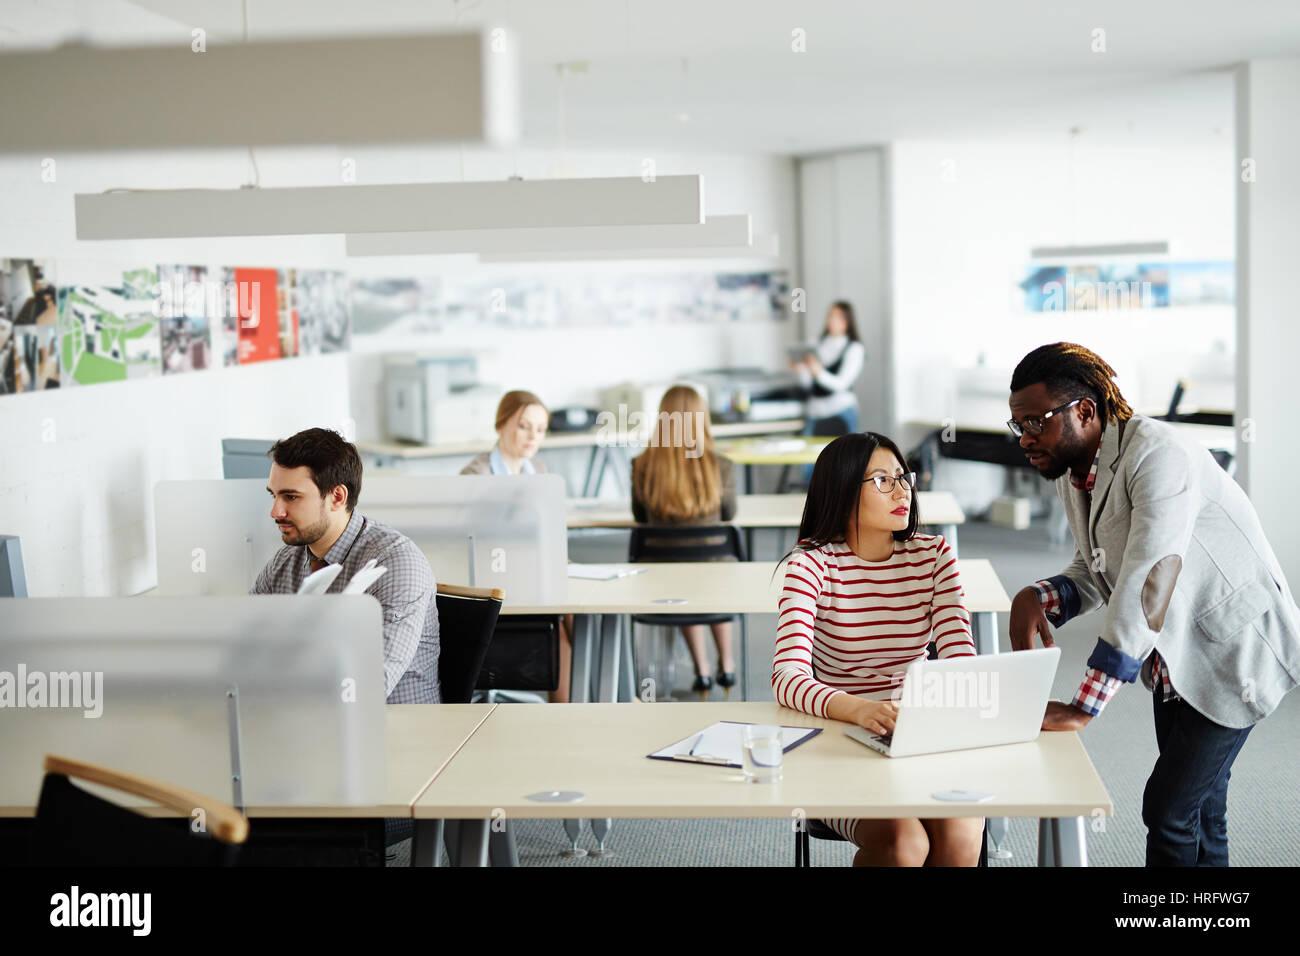 De l'intérieur occupé open plan office: les travailleurs hommes et femmes assis à leur Photo Stock